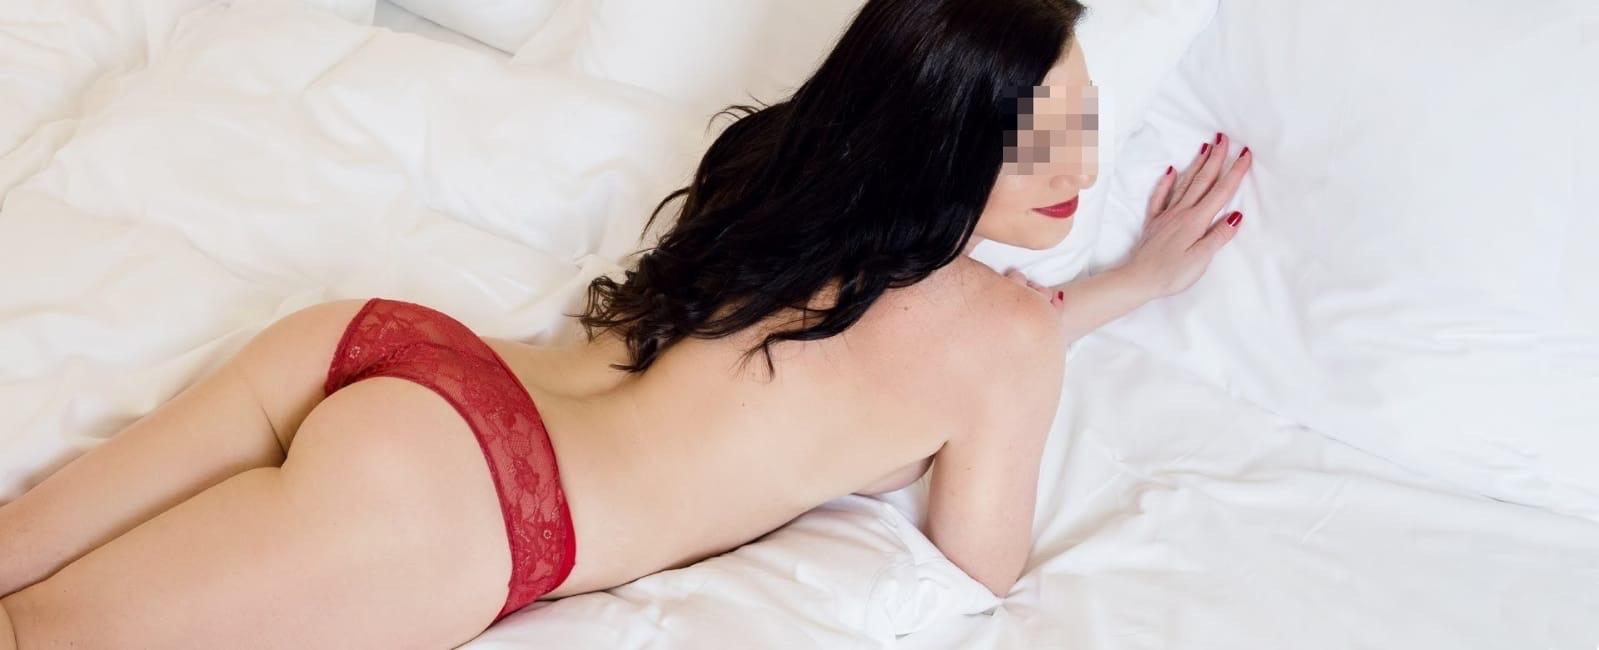 escort-baden-baden-oder-badenbaden-lady-lilly-perfect-date-escort-begleitdamen-mit-stil-und-niveau.jpg